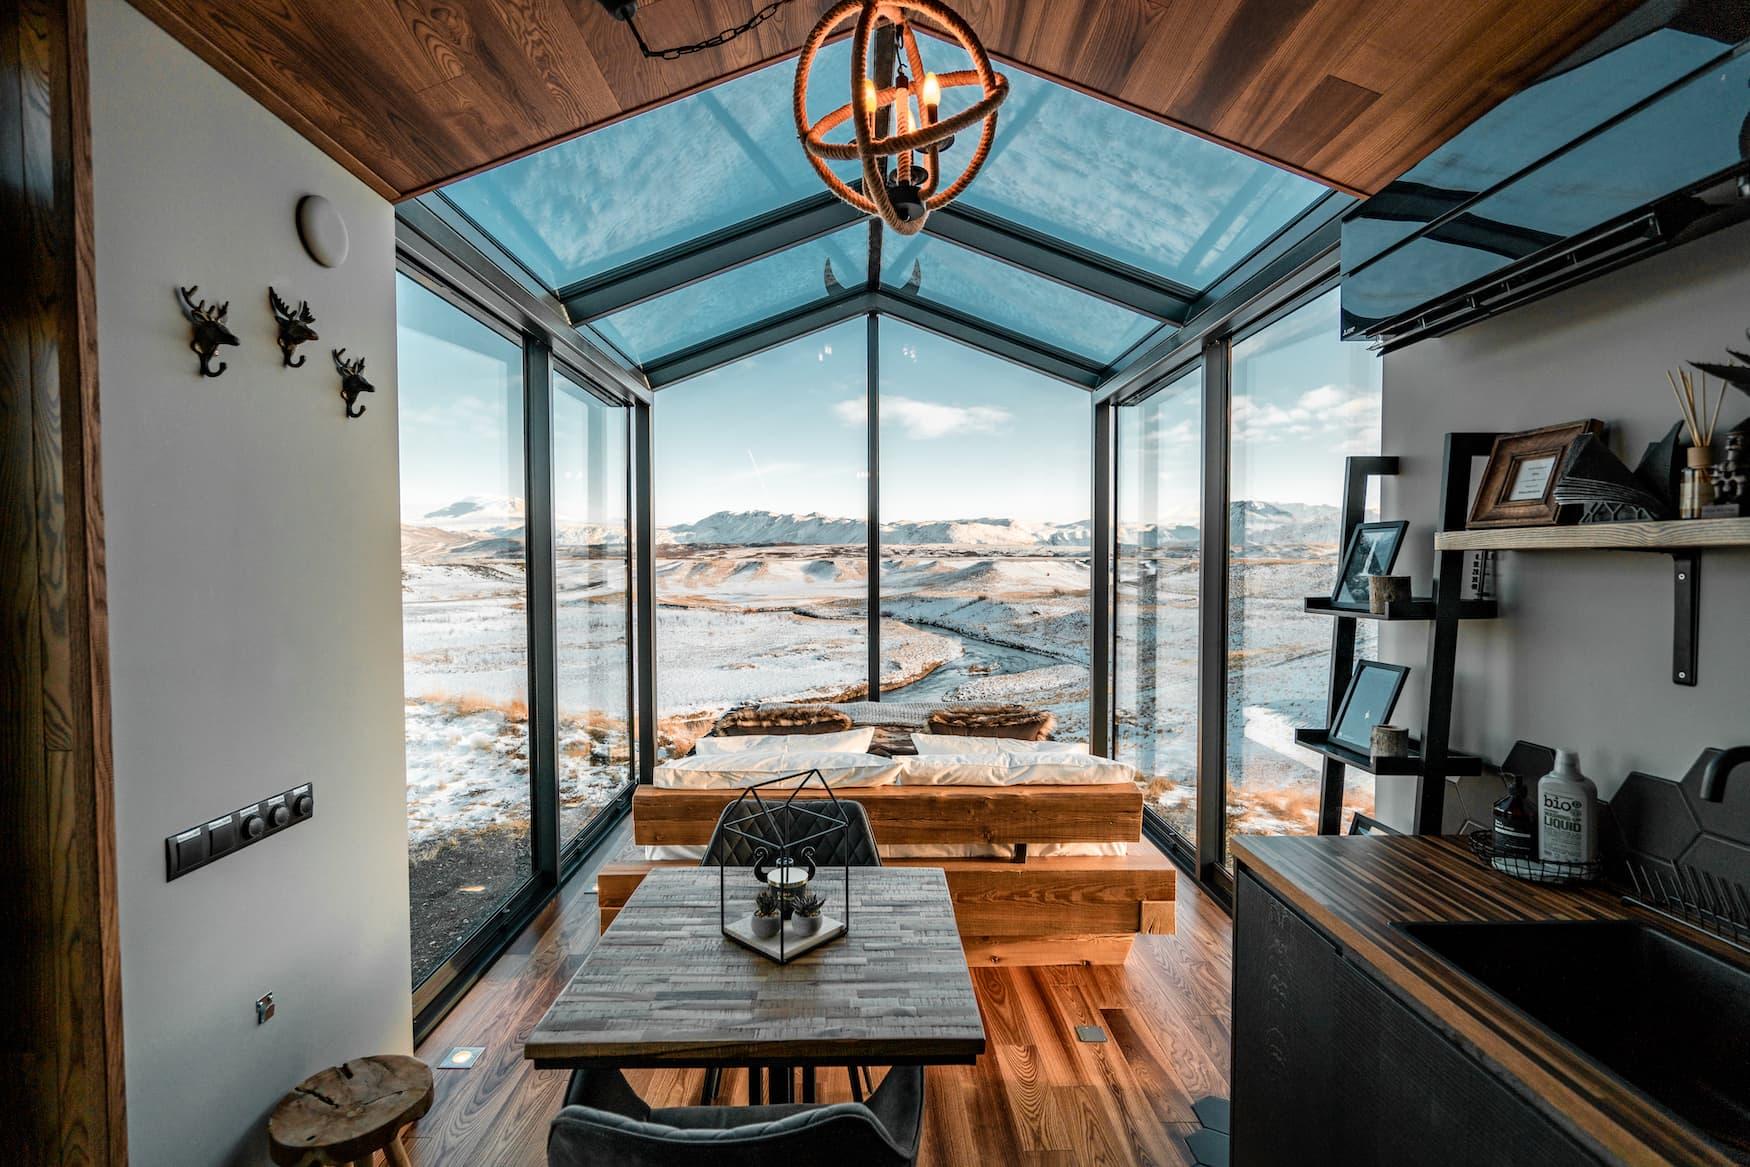 Ausblick aus der Panorama Glass Lodge auf die rauen Landschaften Islands